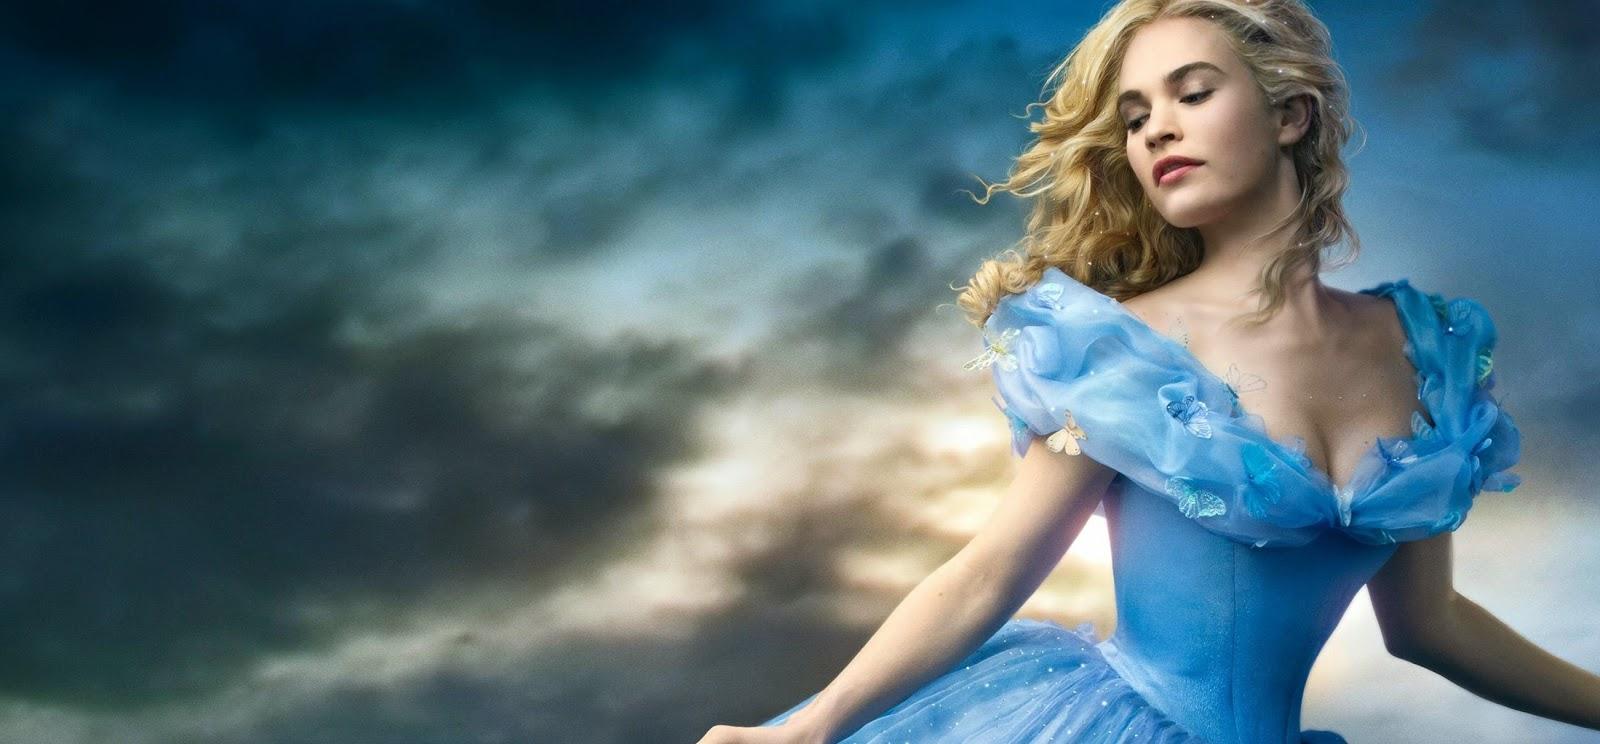 Veja o trailer legendado da nova versão de Cinderela, com Cate Blanchett e Helena Bonham Carter